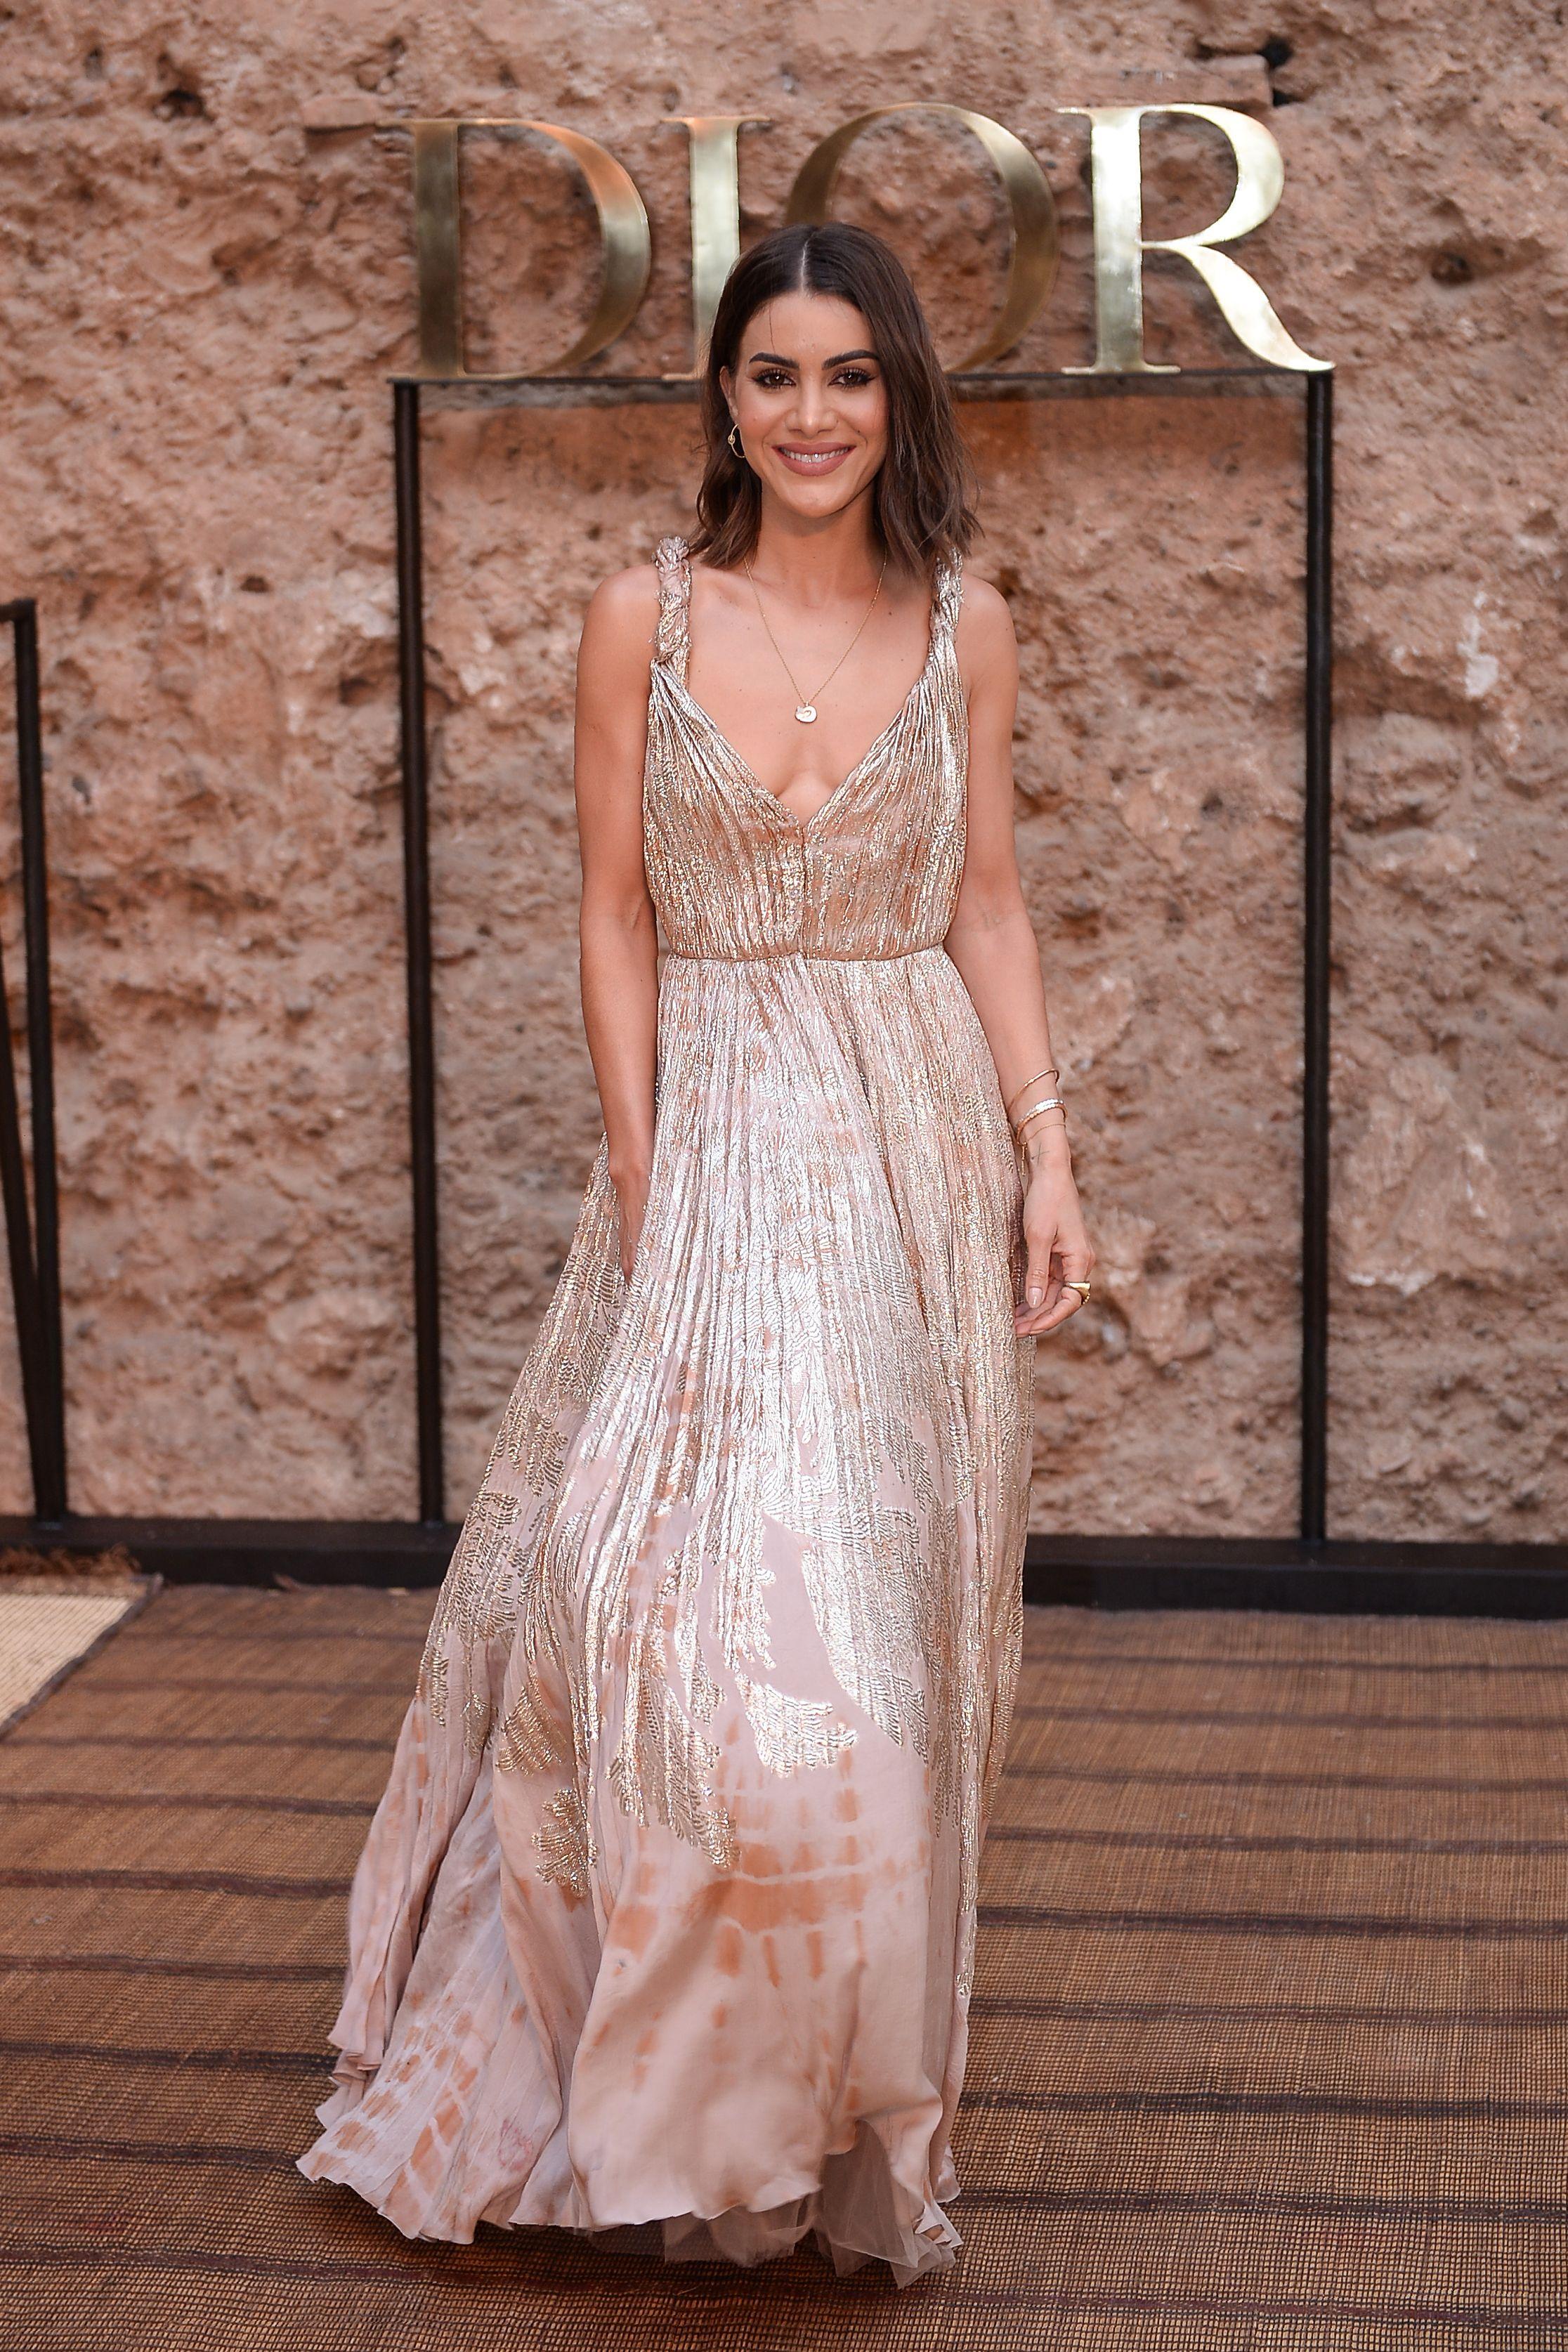 famosa, look, vestido, Dior, estilo, alfombra roja